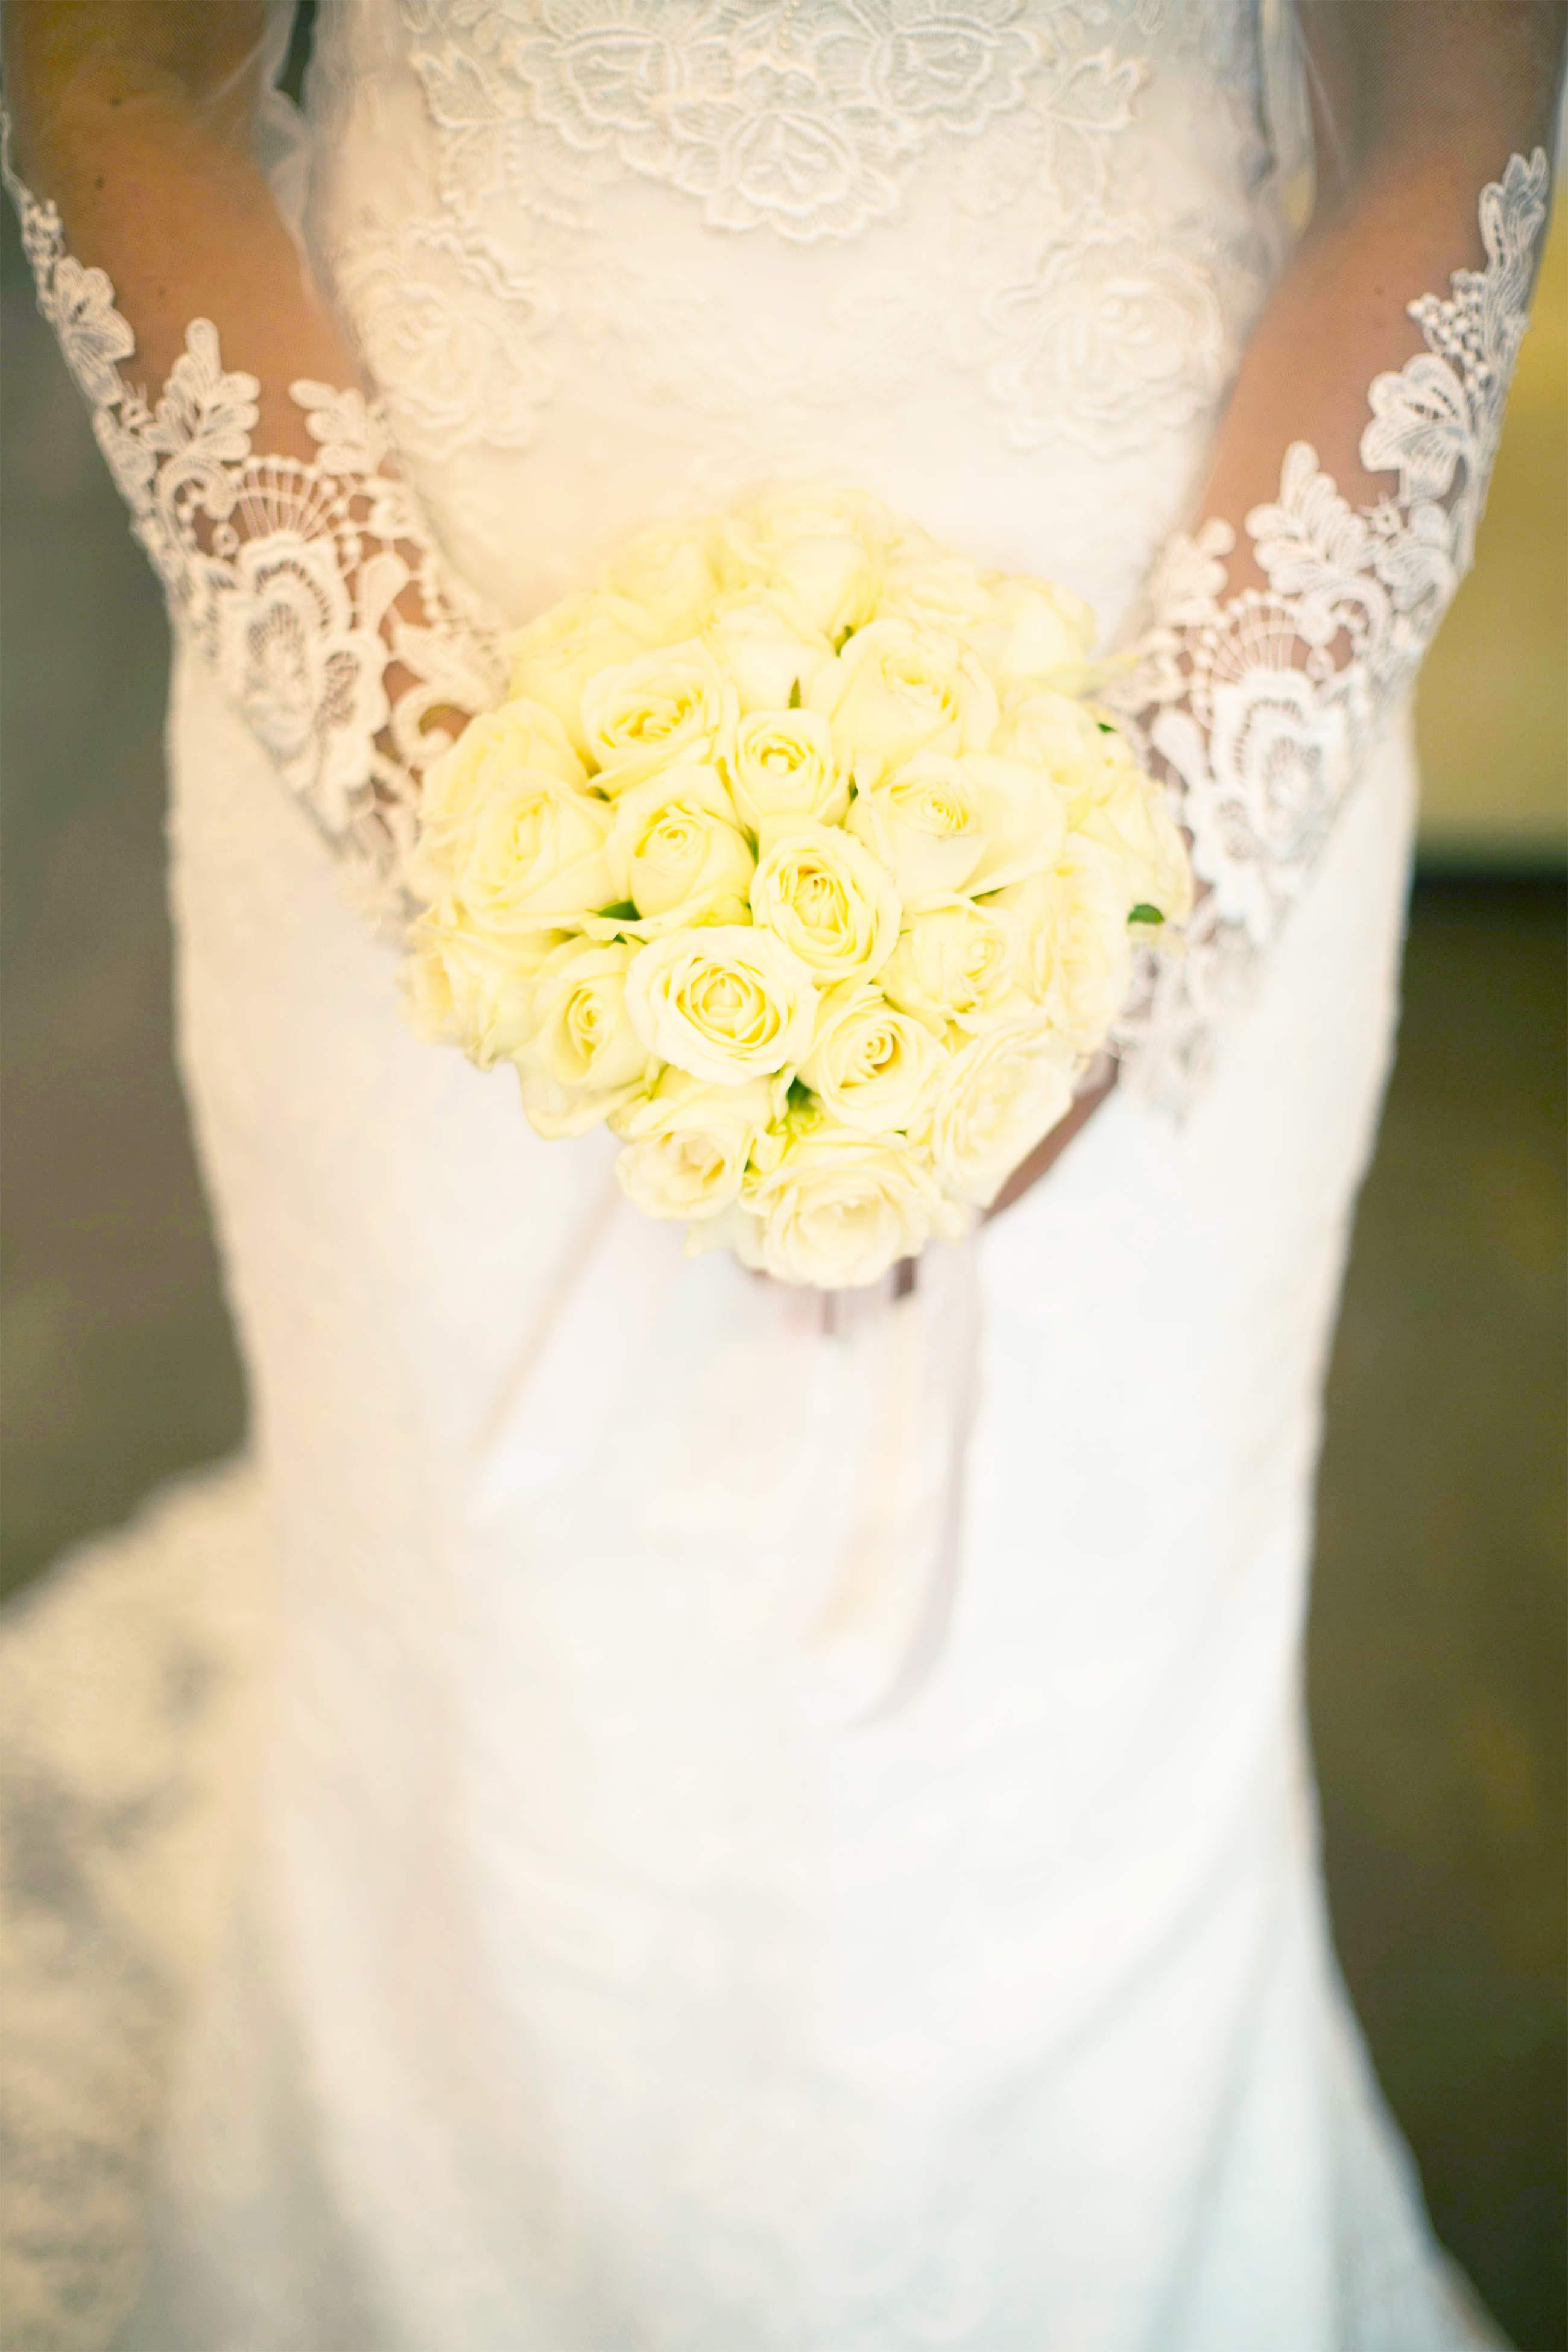 lea-jeremie-mariage-tel-aviv-israel-photographe-paris-video39